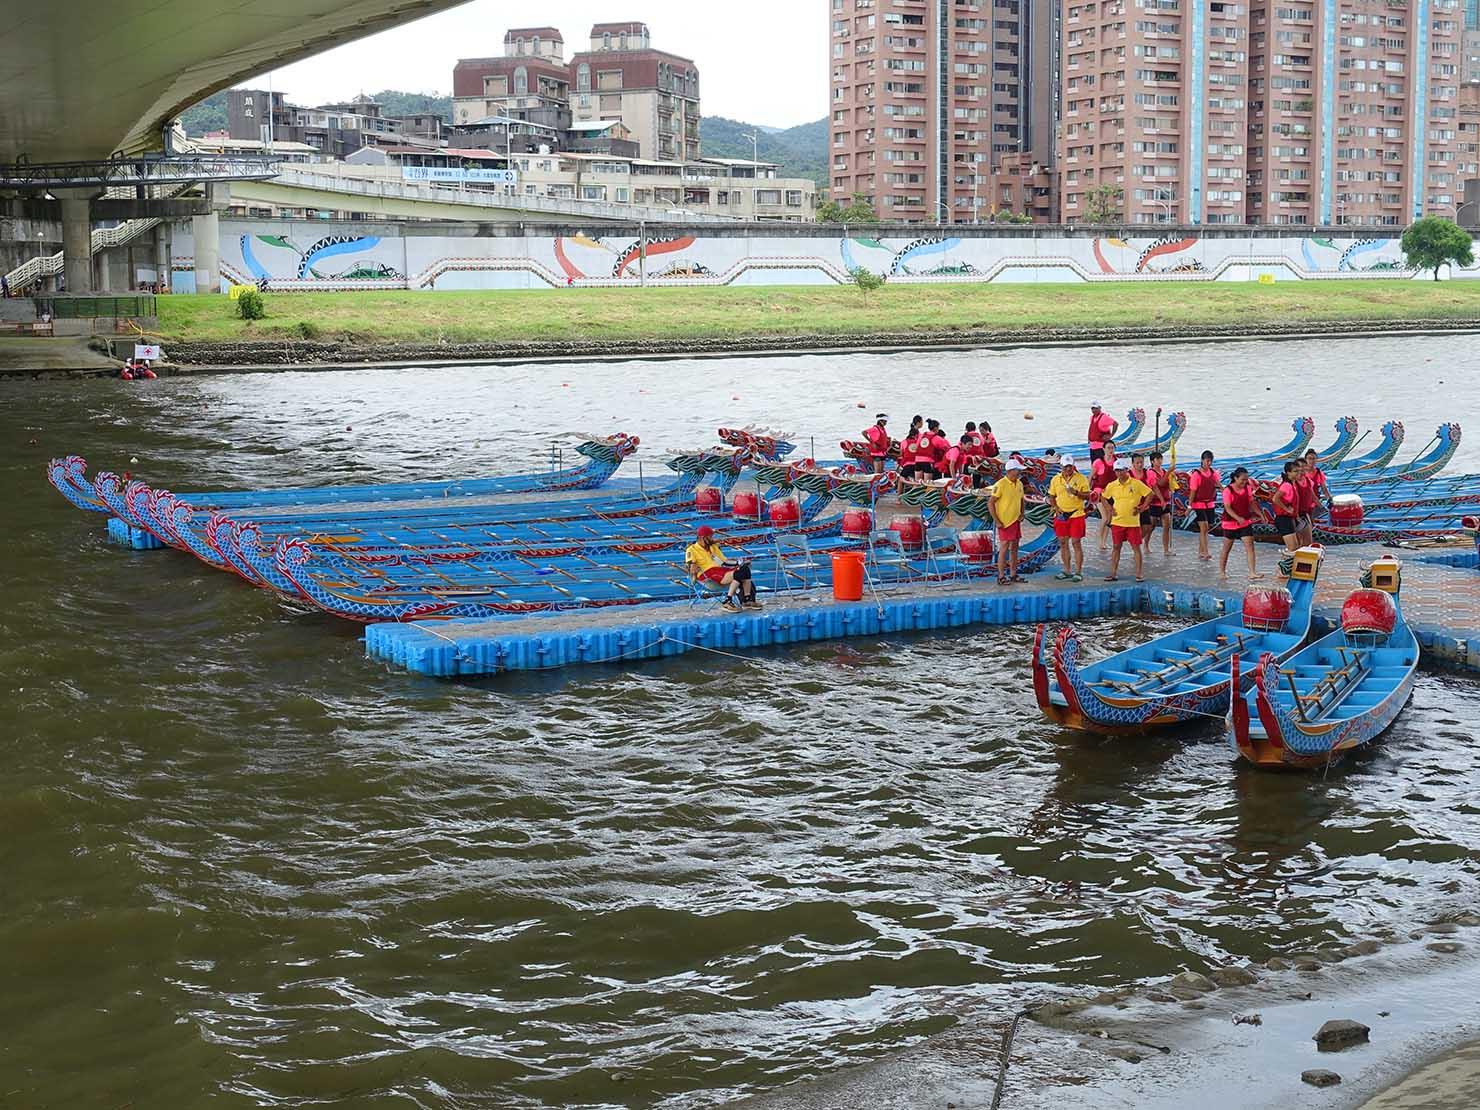 端午節の台北で行われた「龍舟競賽(ドラゴンボートレース)」のボート